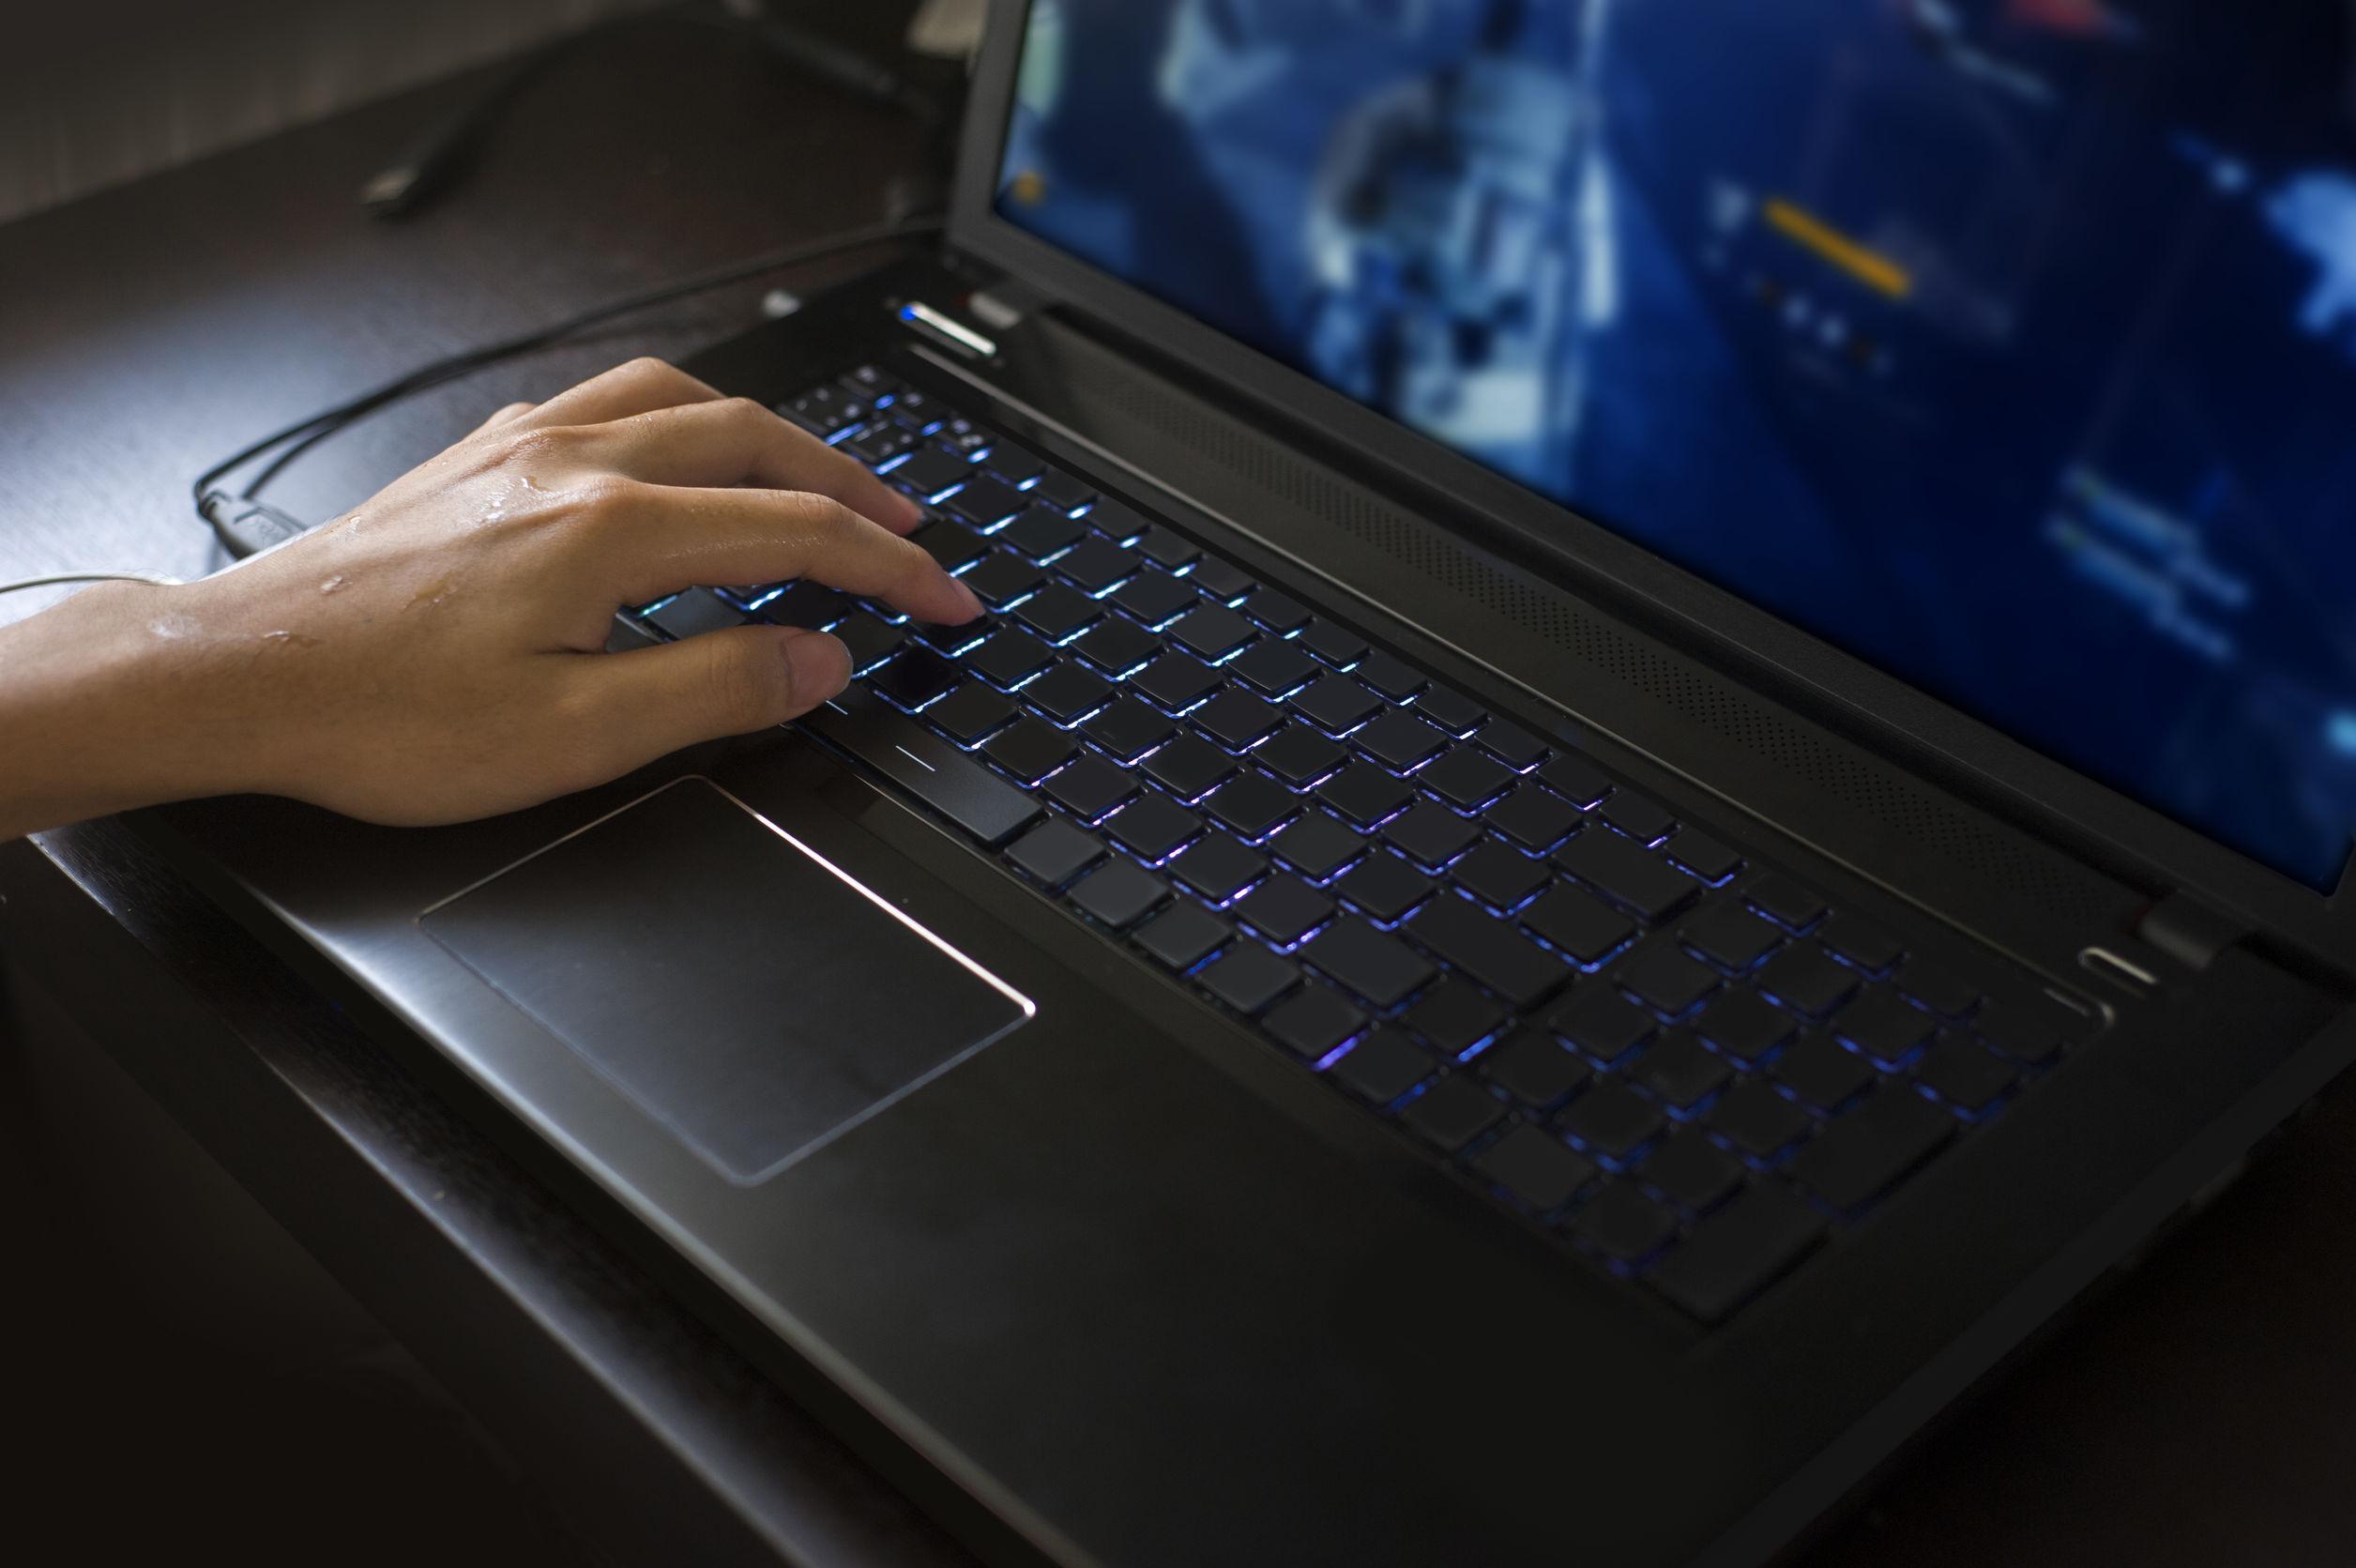 Ordenadores portátiles gaming: ¿Cuáles son los mejores del 2020?